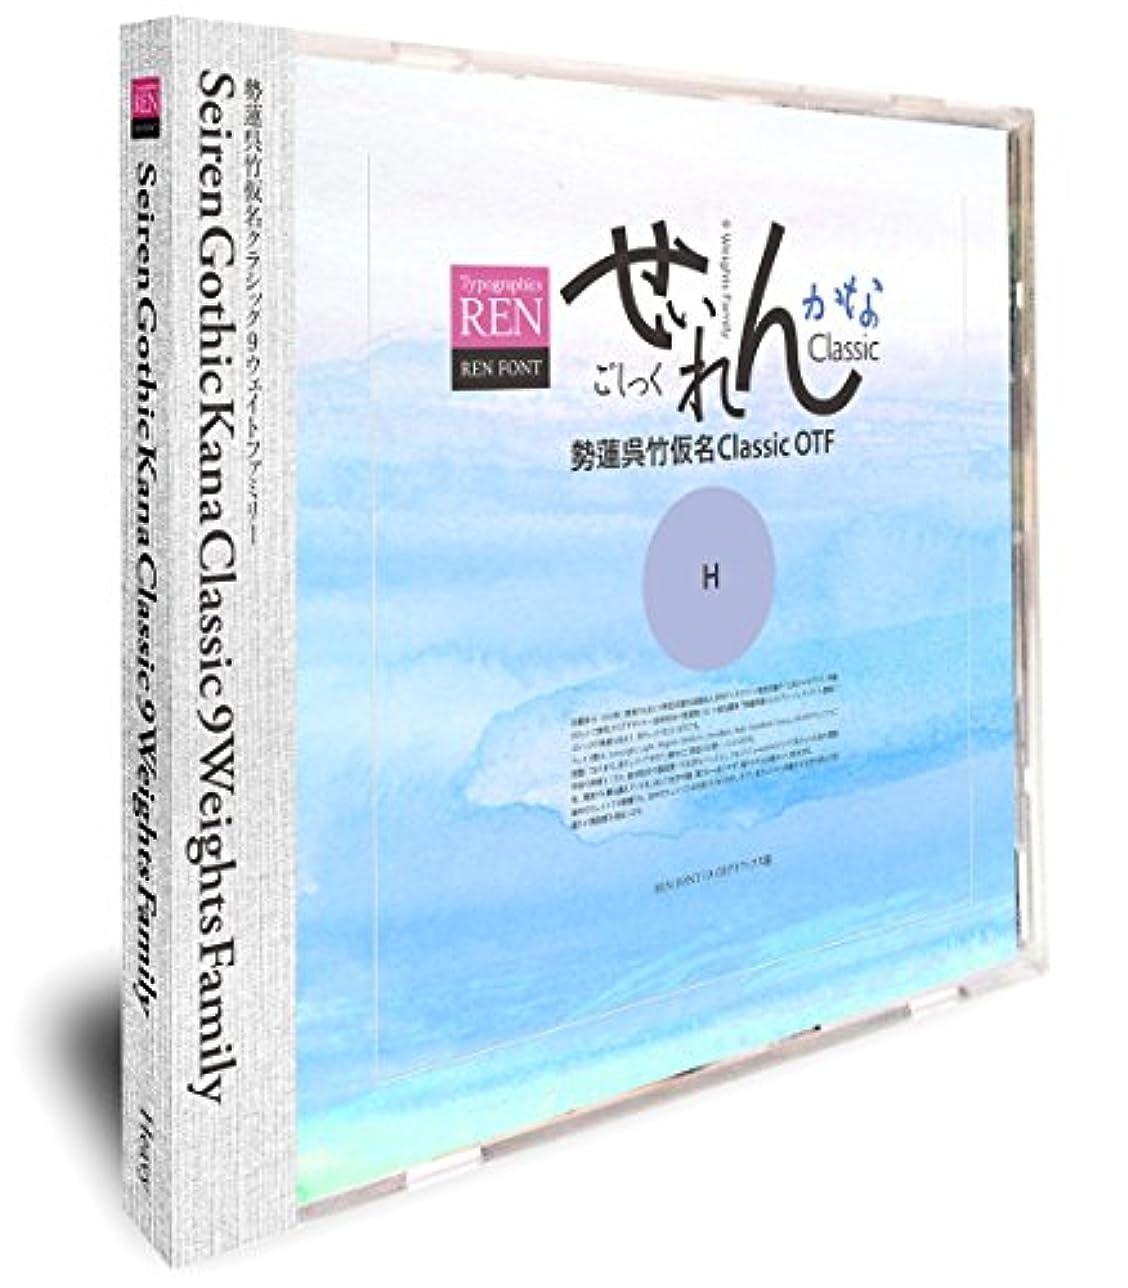 ゴシックを感じさせない優雅さを持つフォント、勢蓮呉竹仮名ClassicOTF-H Win